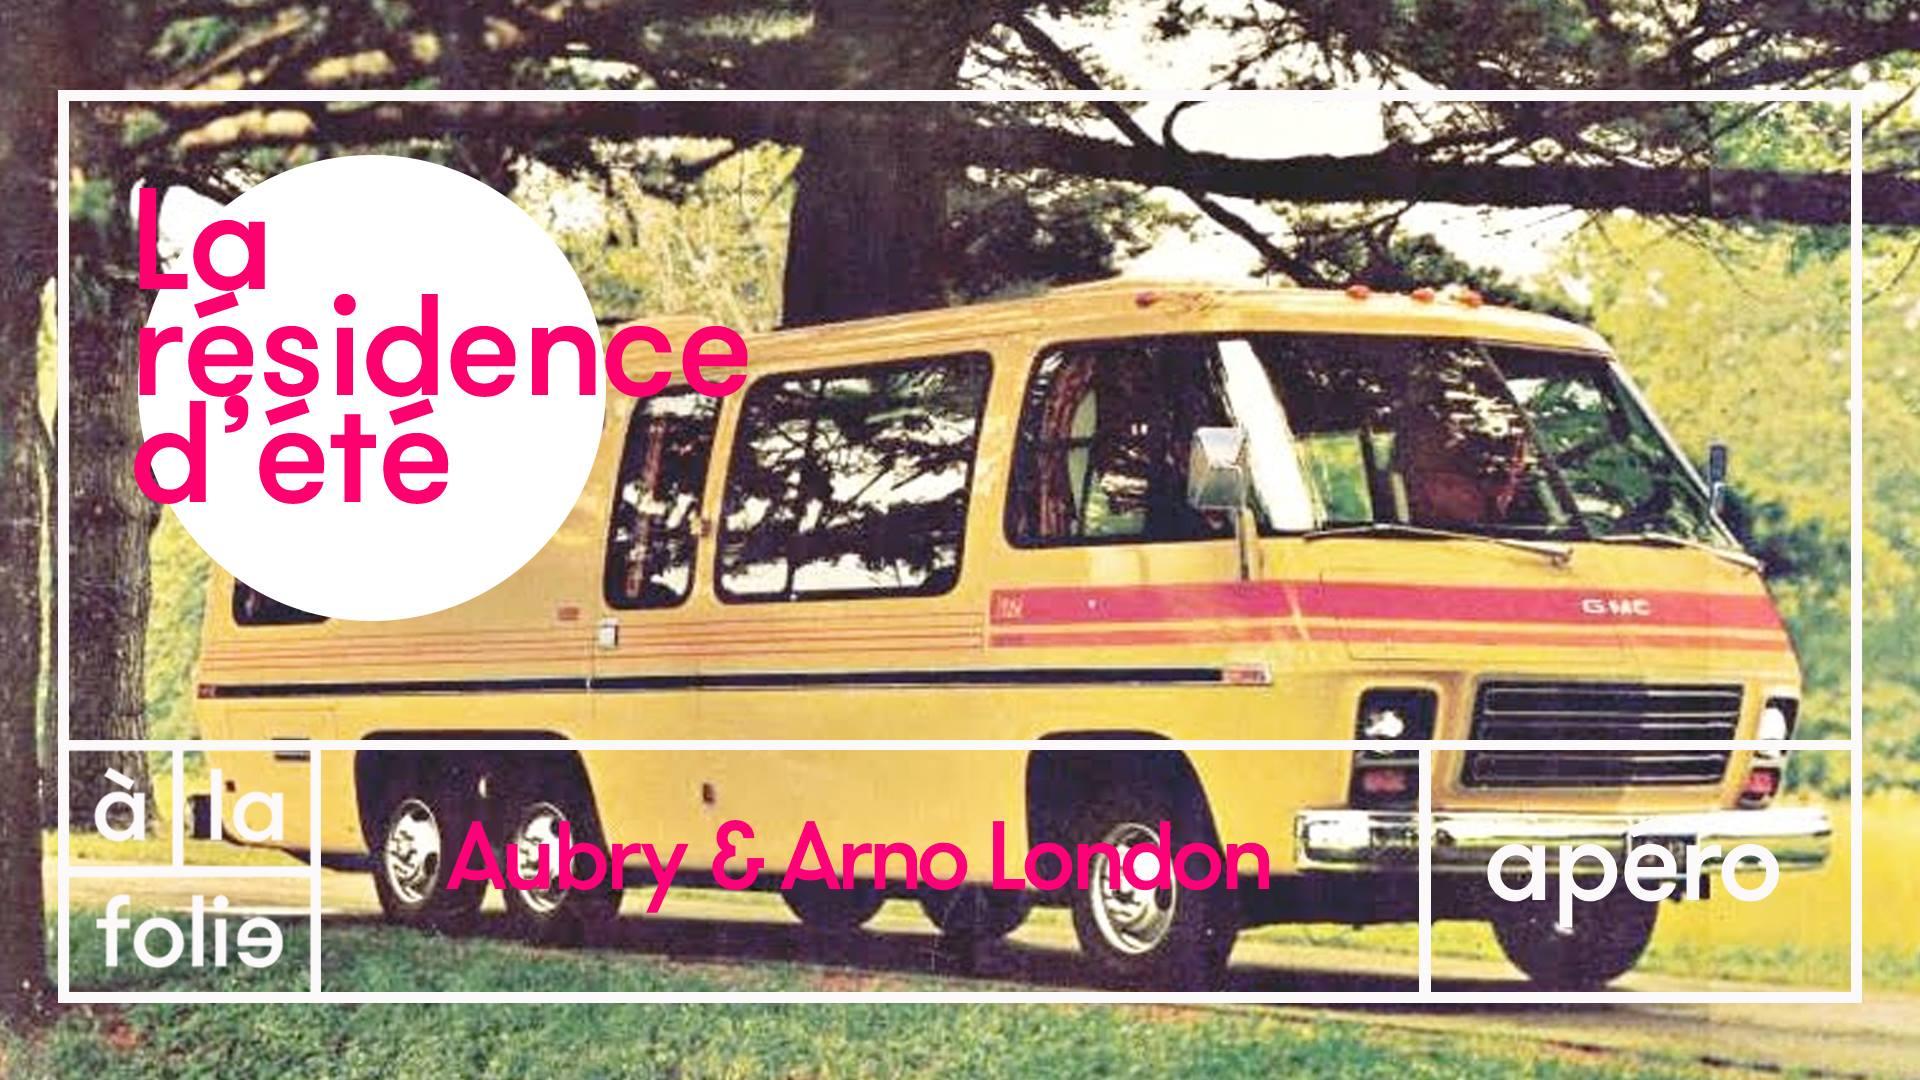 Résidence d'été w/ Aubry & Arno London